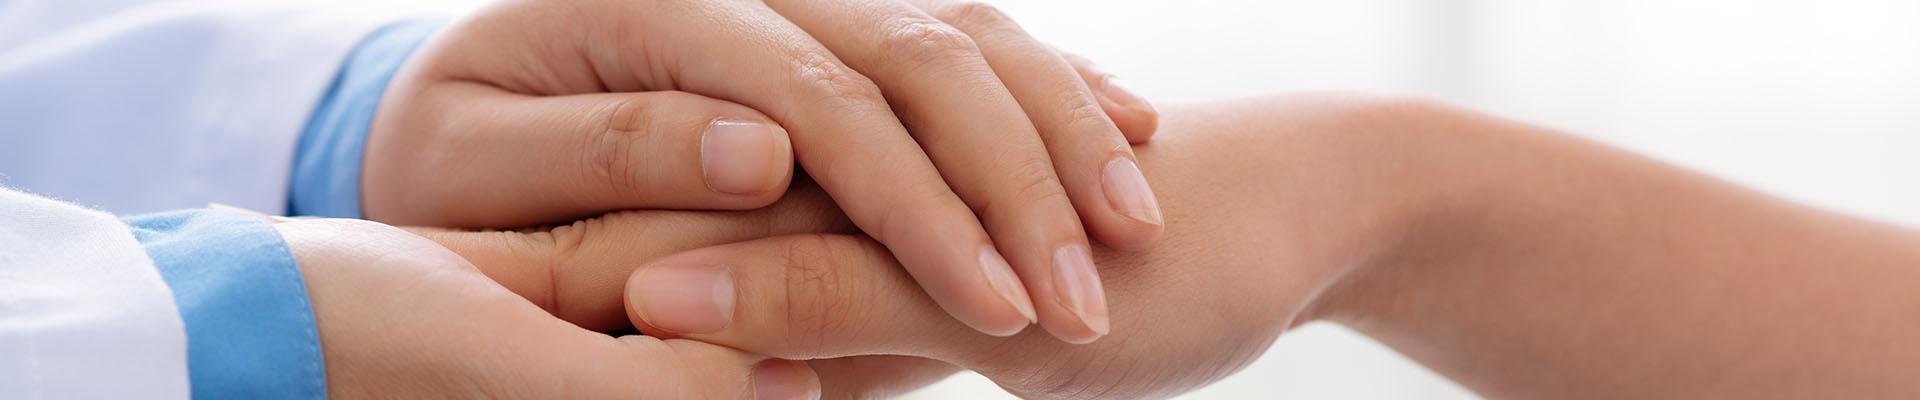 dłonie lekarza trzymające dłonie pacjenta